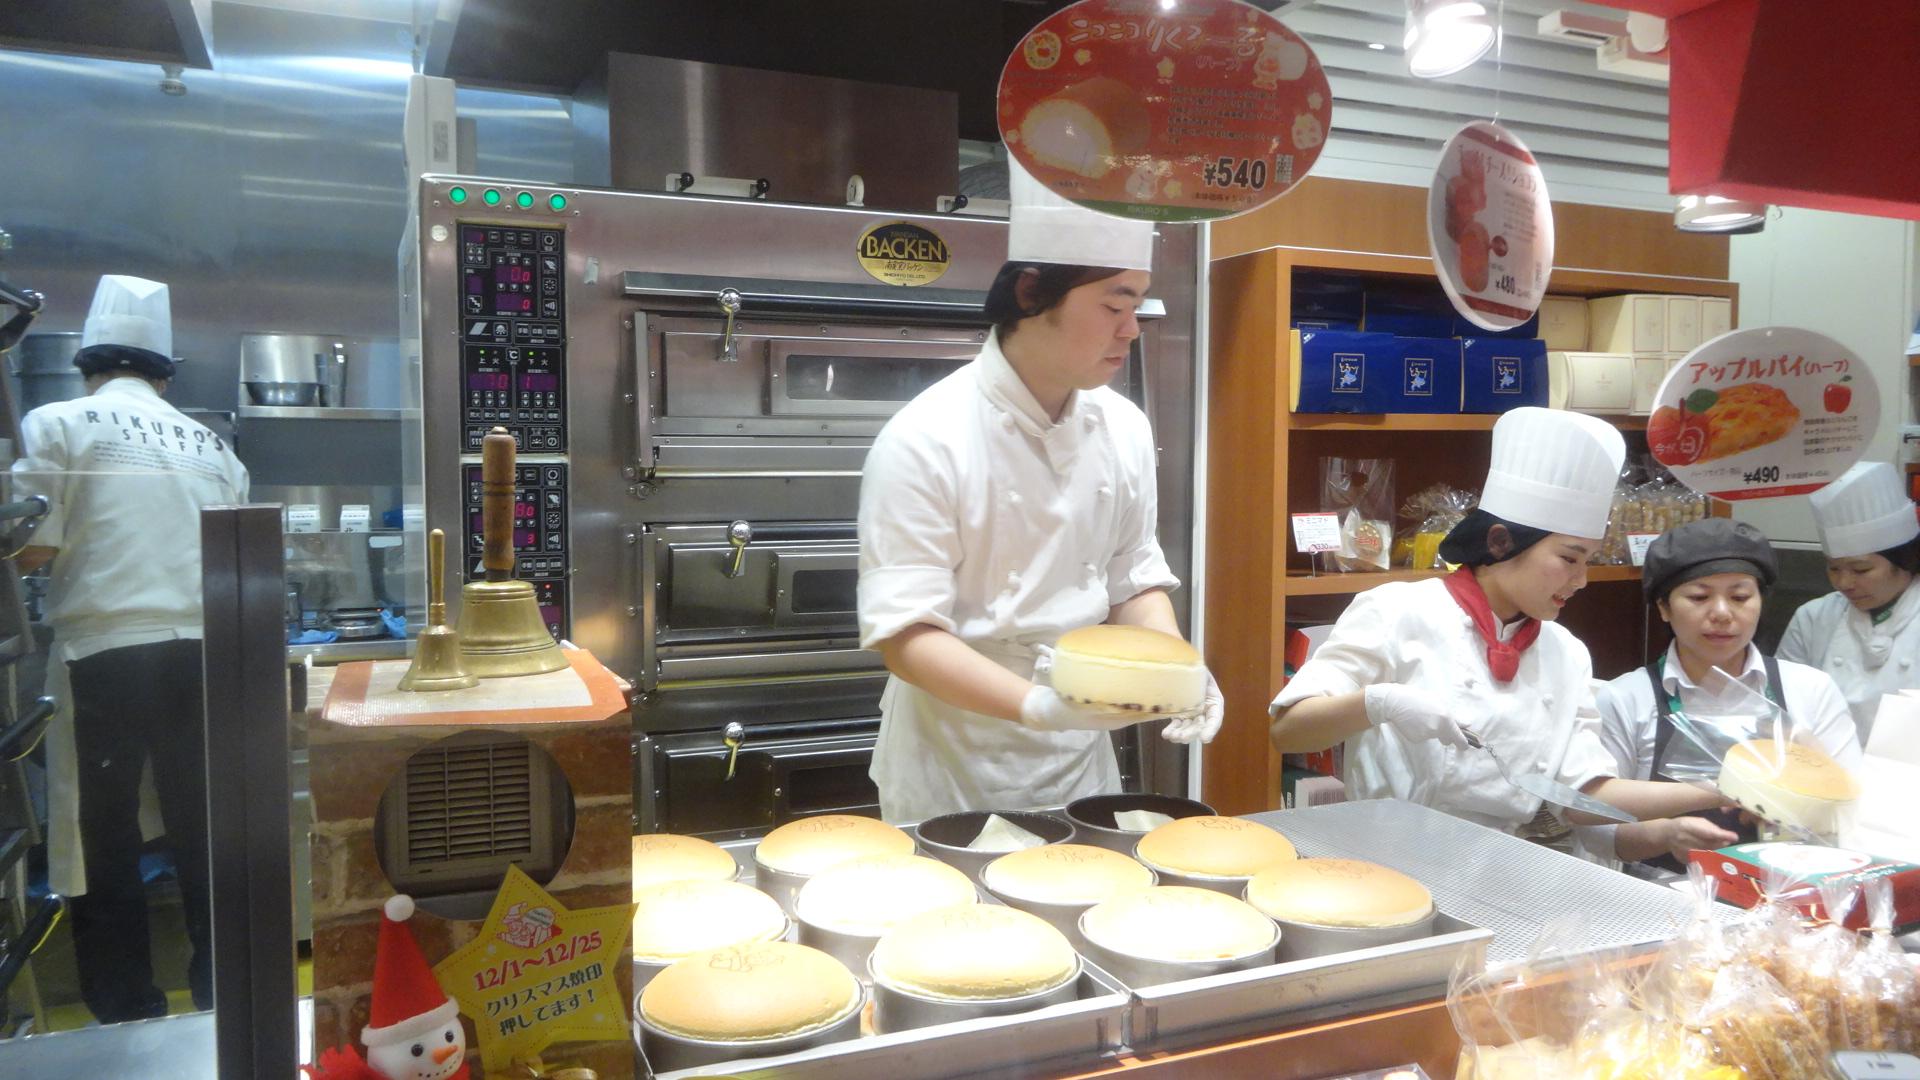 にぎわうチーズケーキ屋さんのお店